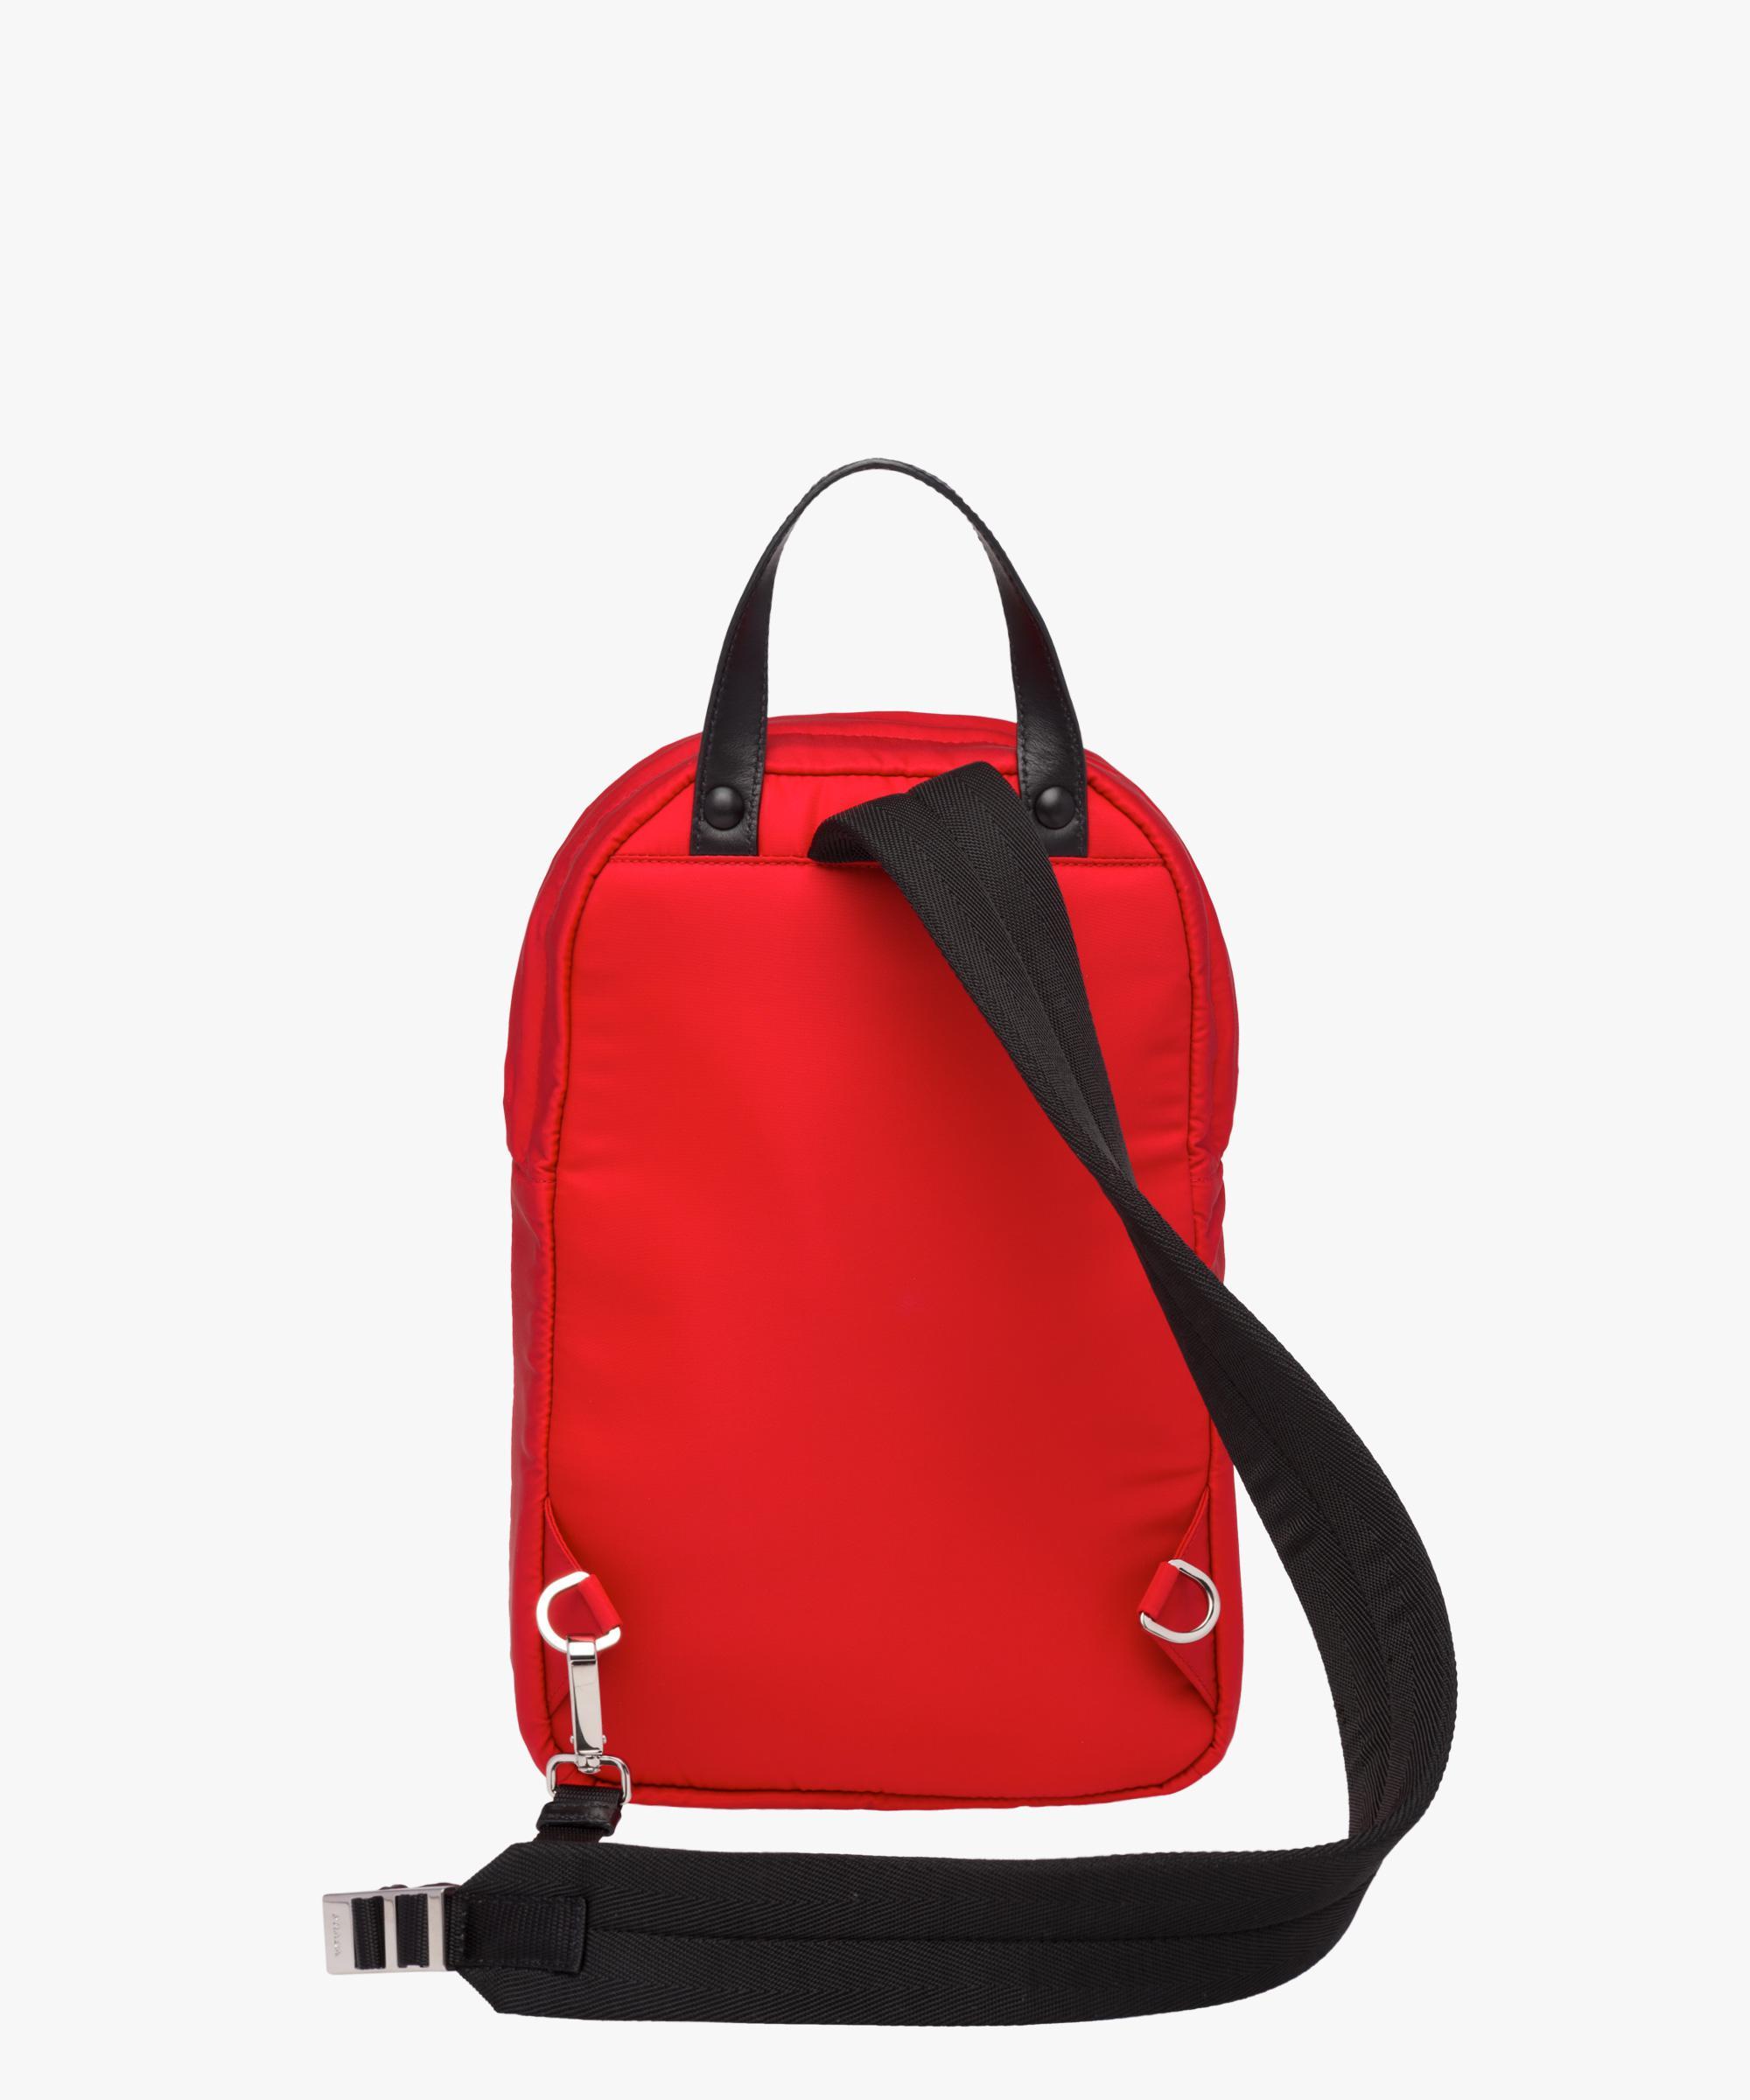 e7d765c211754b Prada Nylon One-shoulder Backpack in Red for Men - Lyst